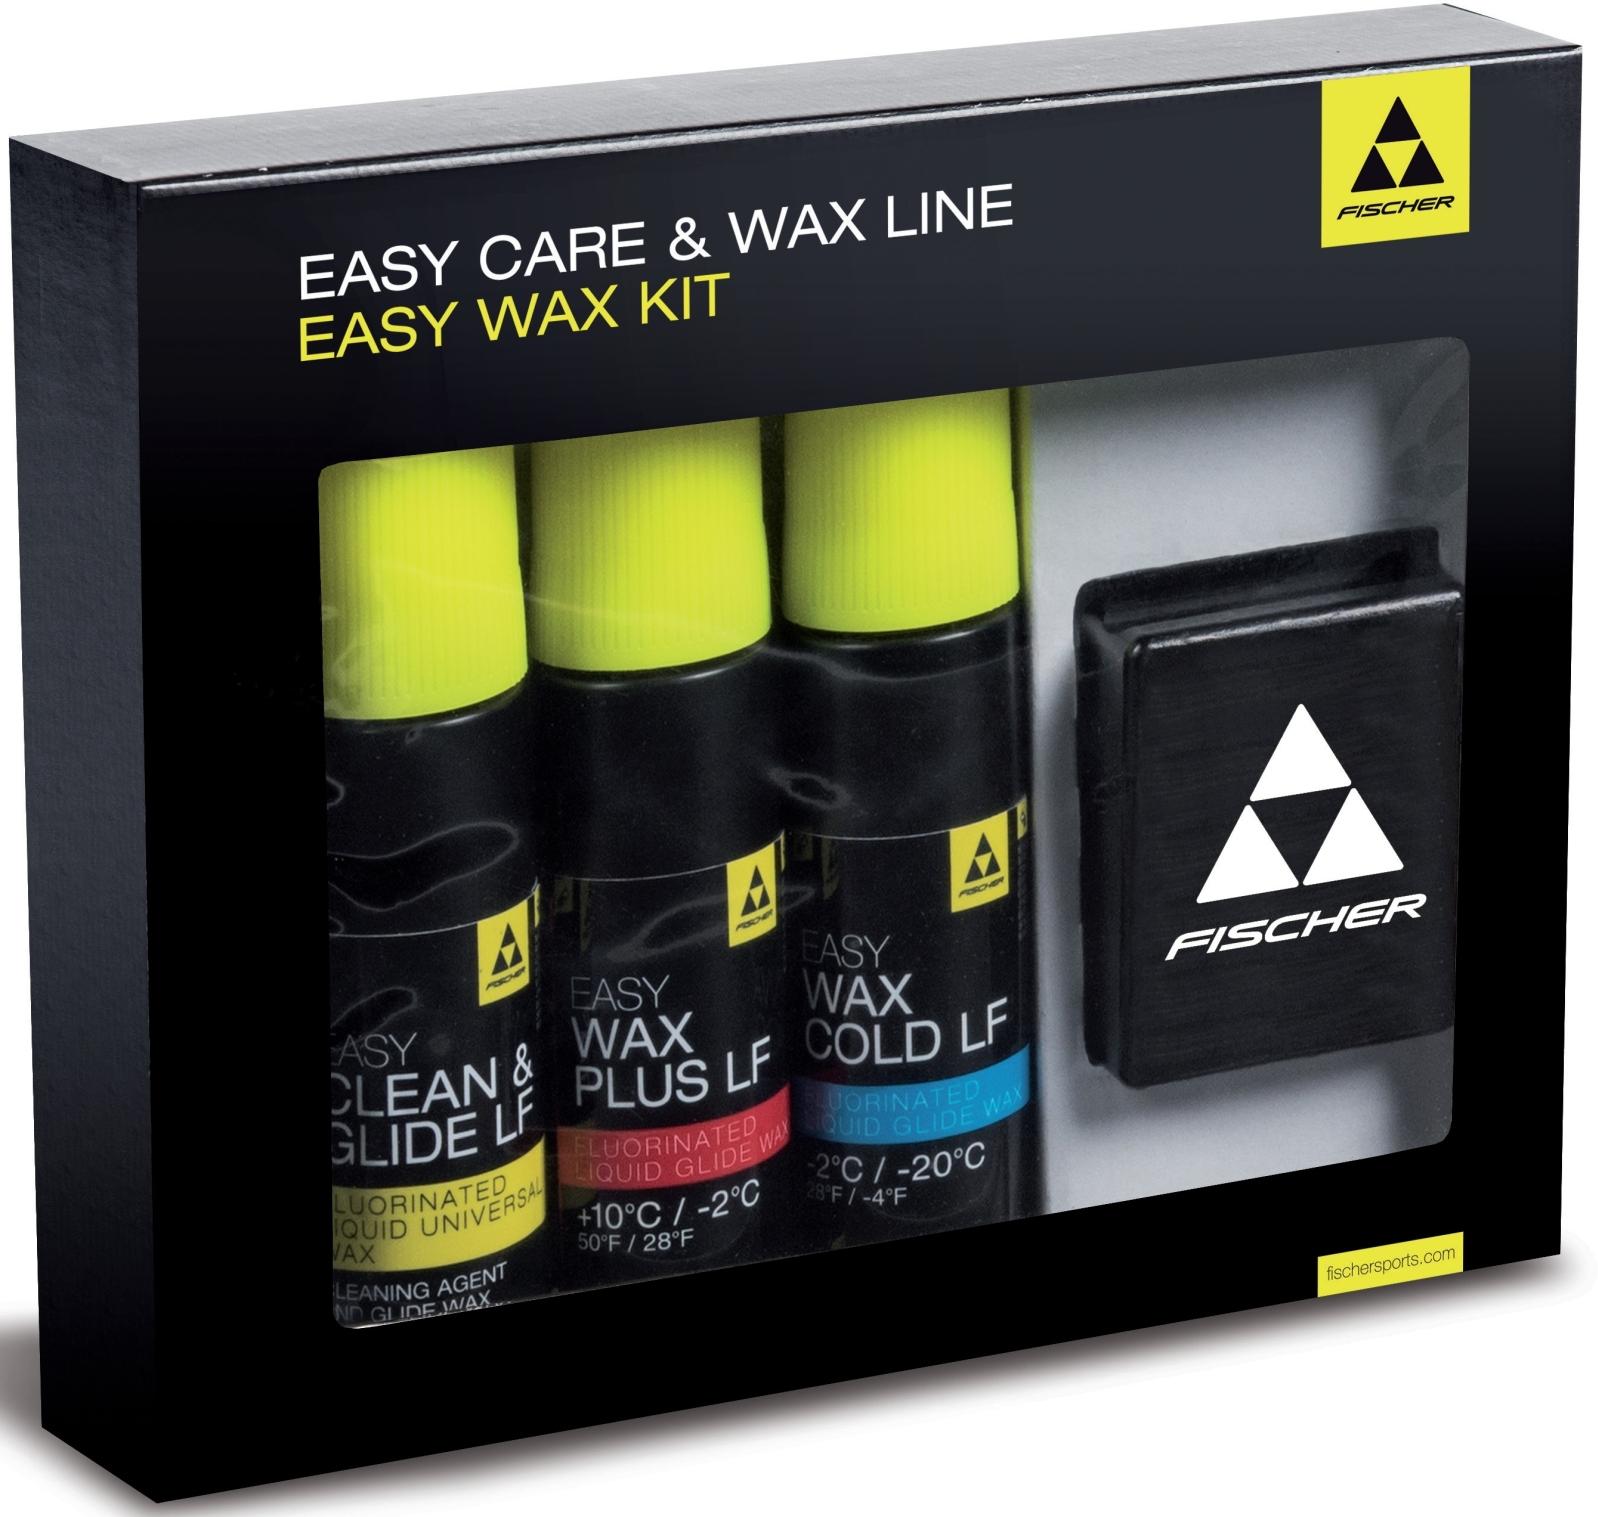 Fischer Easy Wax Kit uni